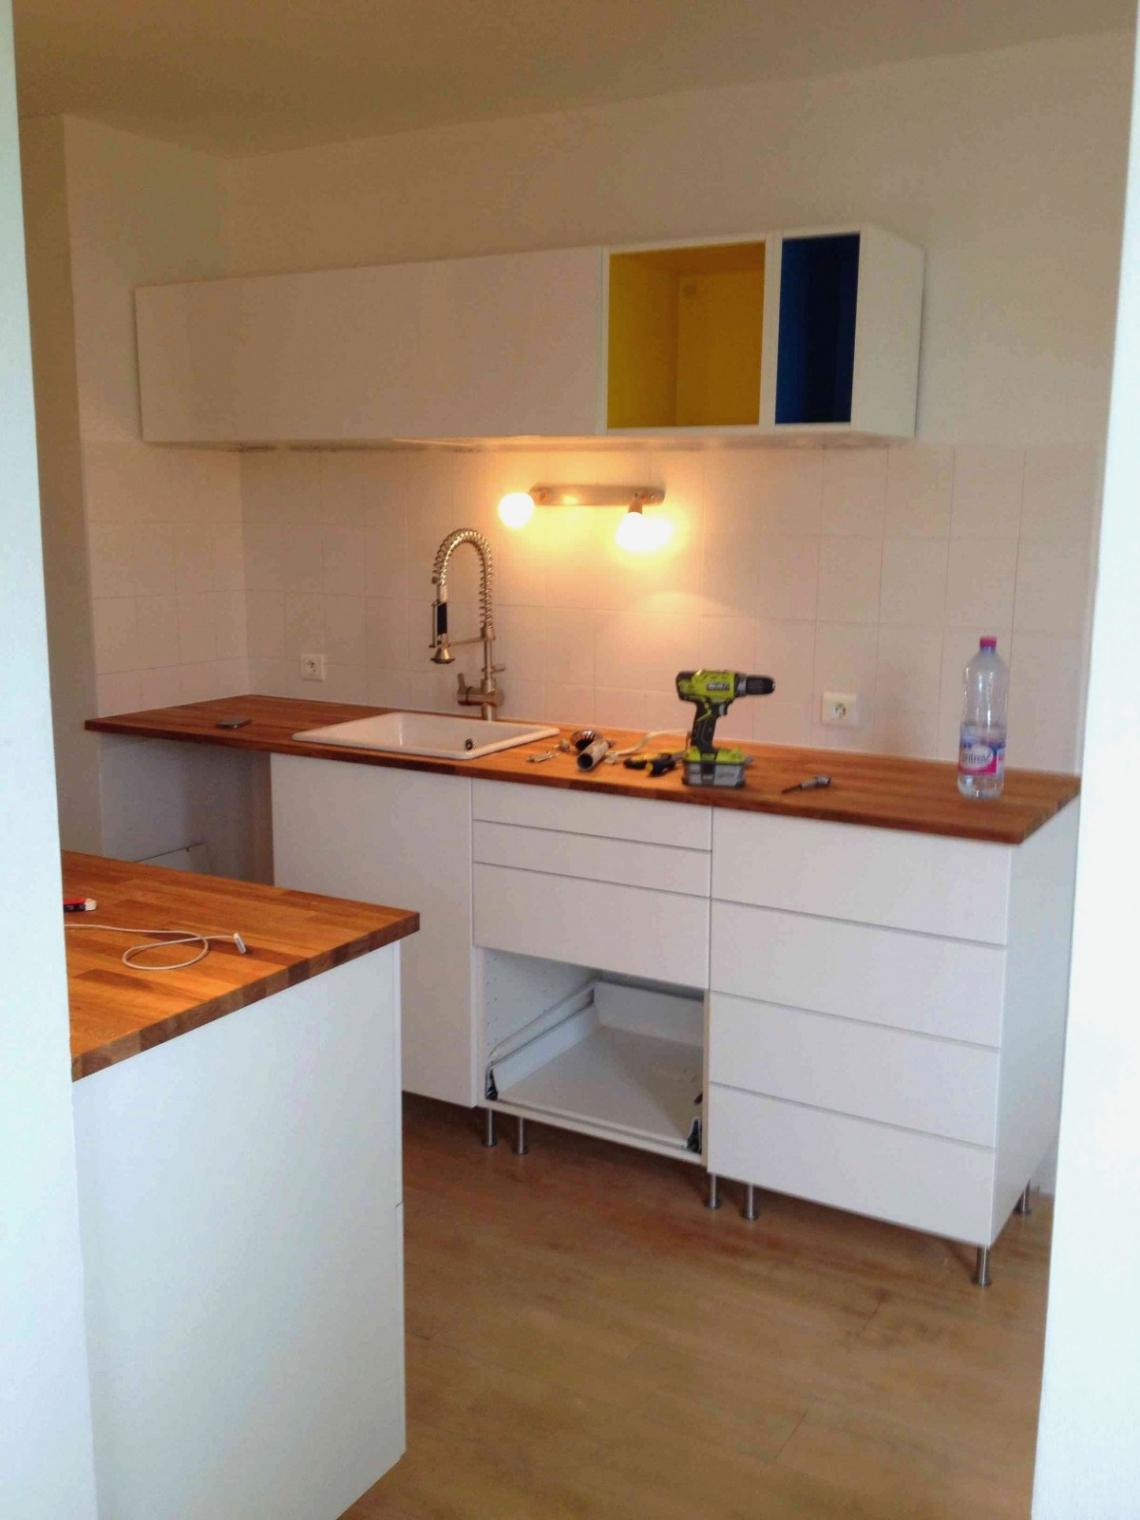 Full Size of Ikea Küche Faktum Line   Passen Metod Fronten Auf Faktum Küche Hochschrank Küche